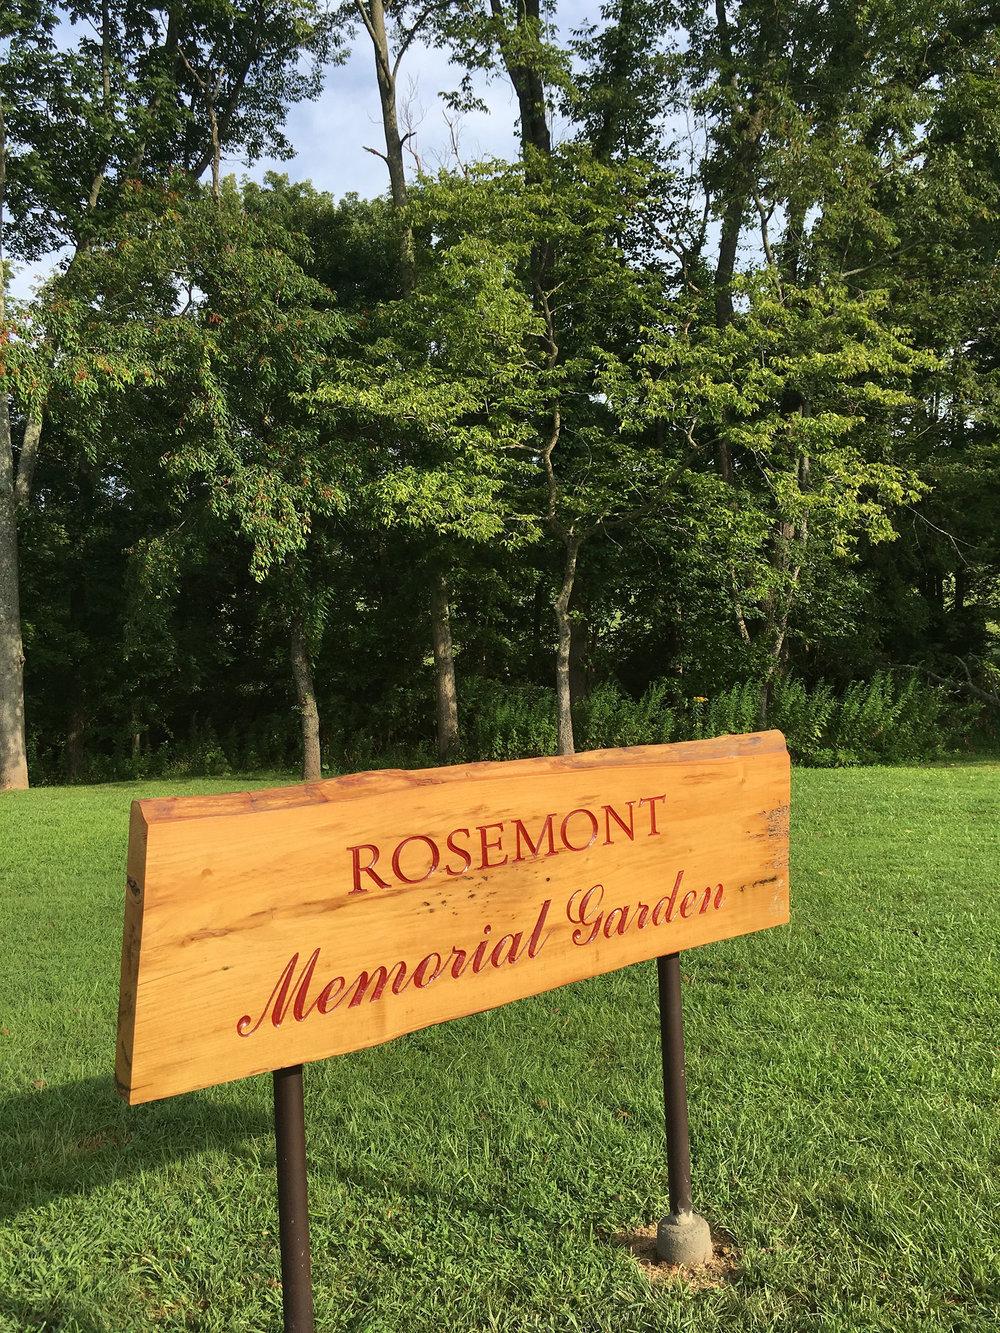 Rosemont Memorial Garden - Green Burials